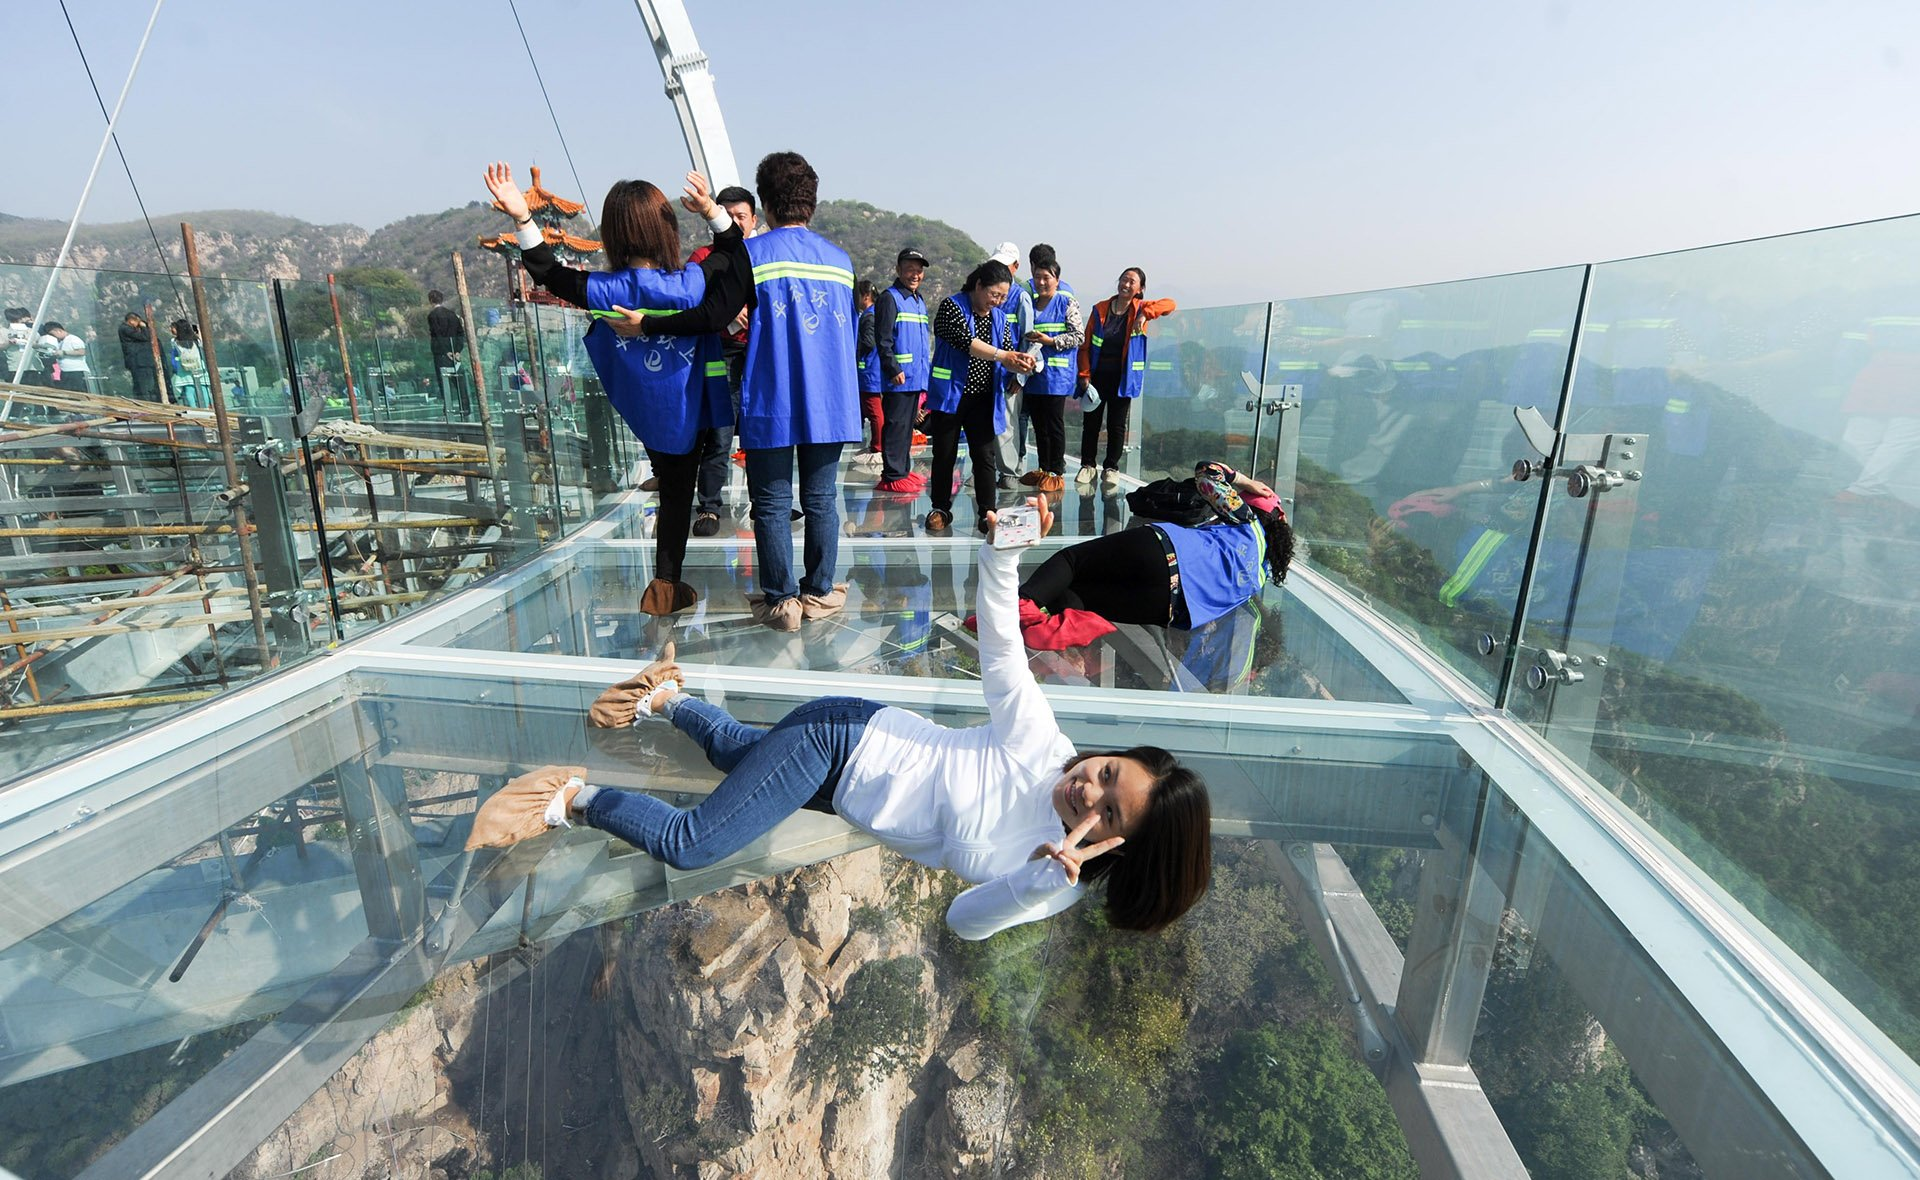 El piso de vidrio permite a los turistas tomarse fotos con el vacío bajo sus pies